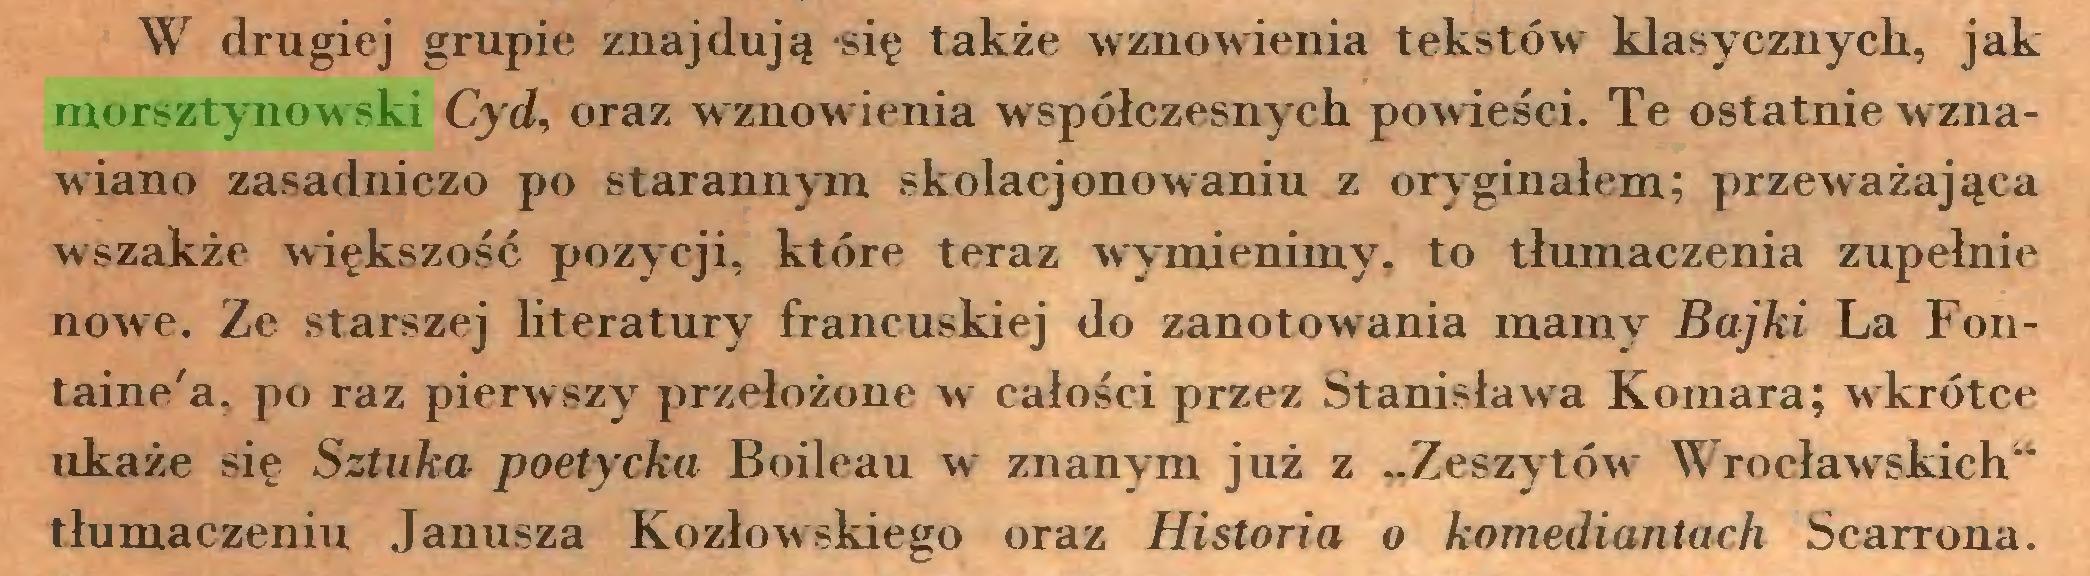 """(...) W drugiej grupie znajdują -się także wznowienia tekstów klasycznych, jak morsztynowski Cyd, oraz wznowienia współczesnych powieści. Te ostatnie w znawiano zasadniczo po starannym skolacjonowaniu z oryginałem: przeważająca wszakże większość pozycji, które teraz wymienimy, to tłumaczenia zupełnie nowe. Ze starszej literatury francuskiej do zanotowania mamy Bajki La Fontaine'a, po raz pierwszy przełożone w całości przez Stanisławra Komara; wkrótce ukaże się Sztuka poetycka Boileau w znanym już z ..Zeszytów Wrocławskich"""" tłumaczeniu Janusza Kozłowskiego oraz Historia o komediantach Scarrona..."""